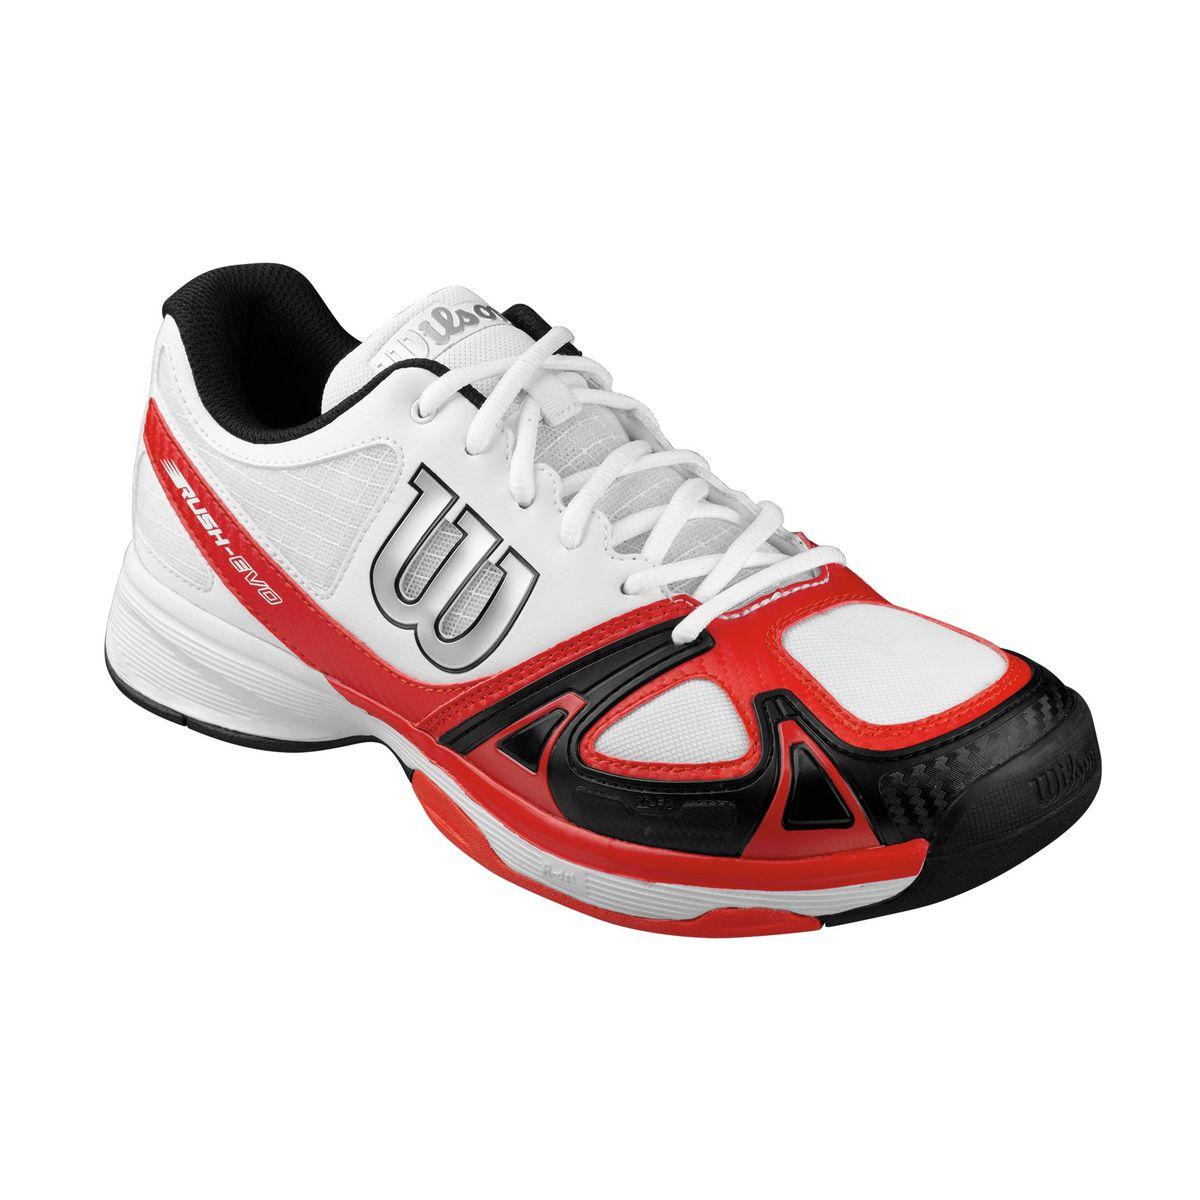 Кроссовки для тенниса муж. RUSH EVO. WRS320660WRS320660Стабильность и комфорт. Современные технологии Wilson в кроссовках из серии RUSH.